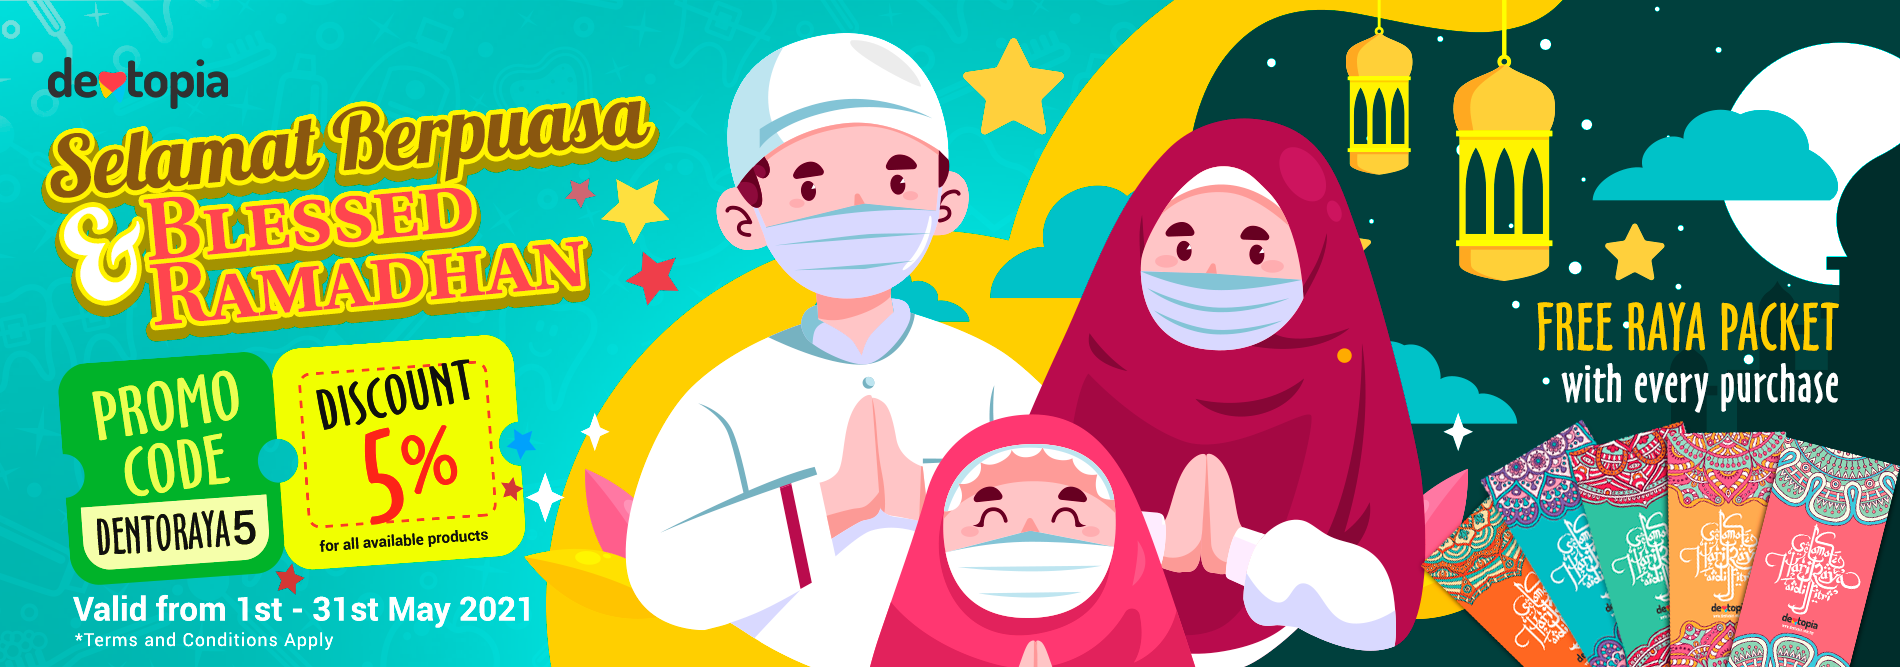 Selamat Berpuasa and Blessed Ramadhan